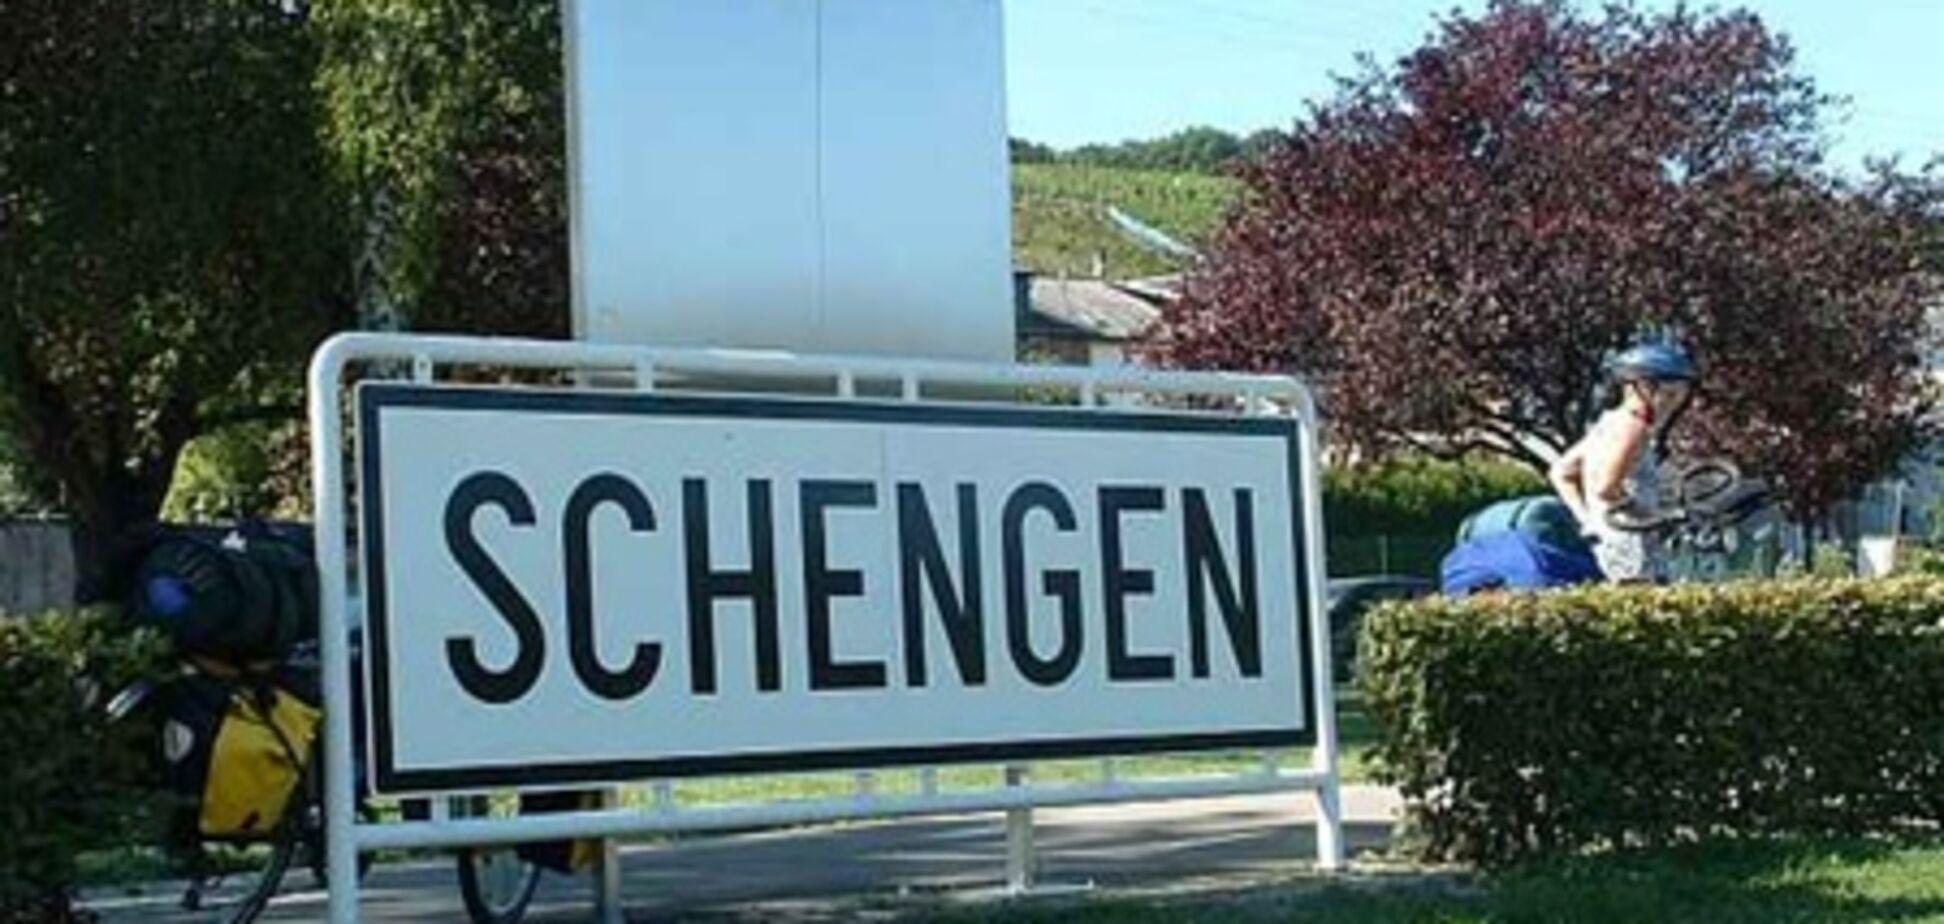 Фінляндія відмовилася пустити Болгарію та Румунію до Шенгену